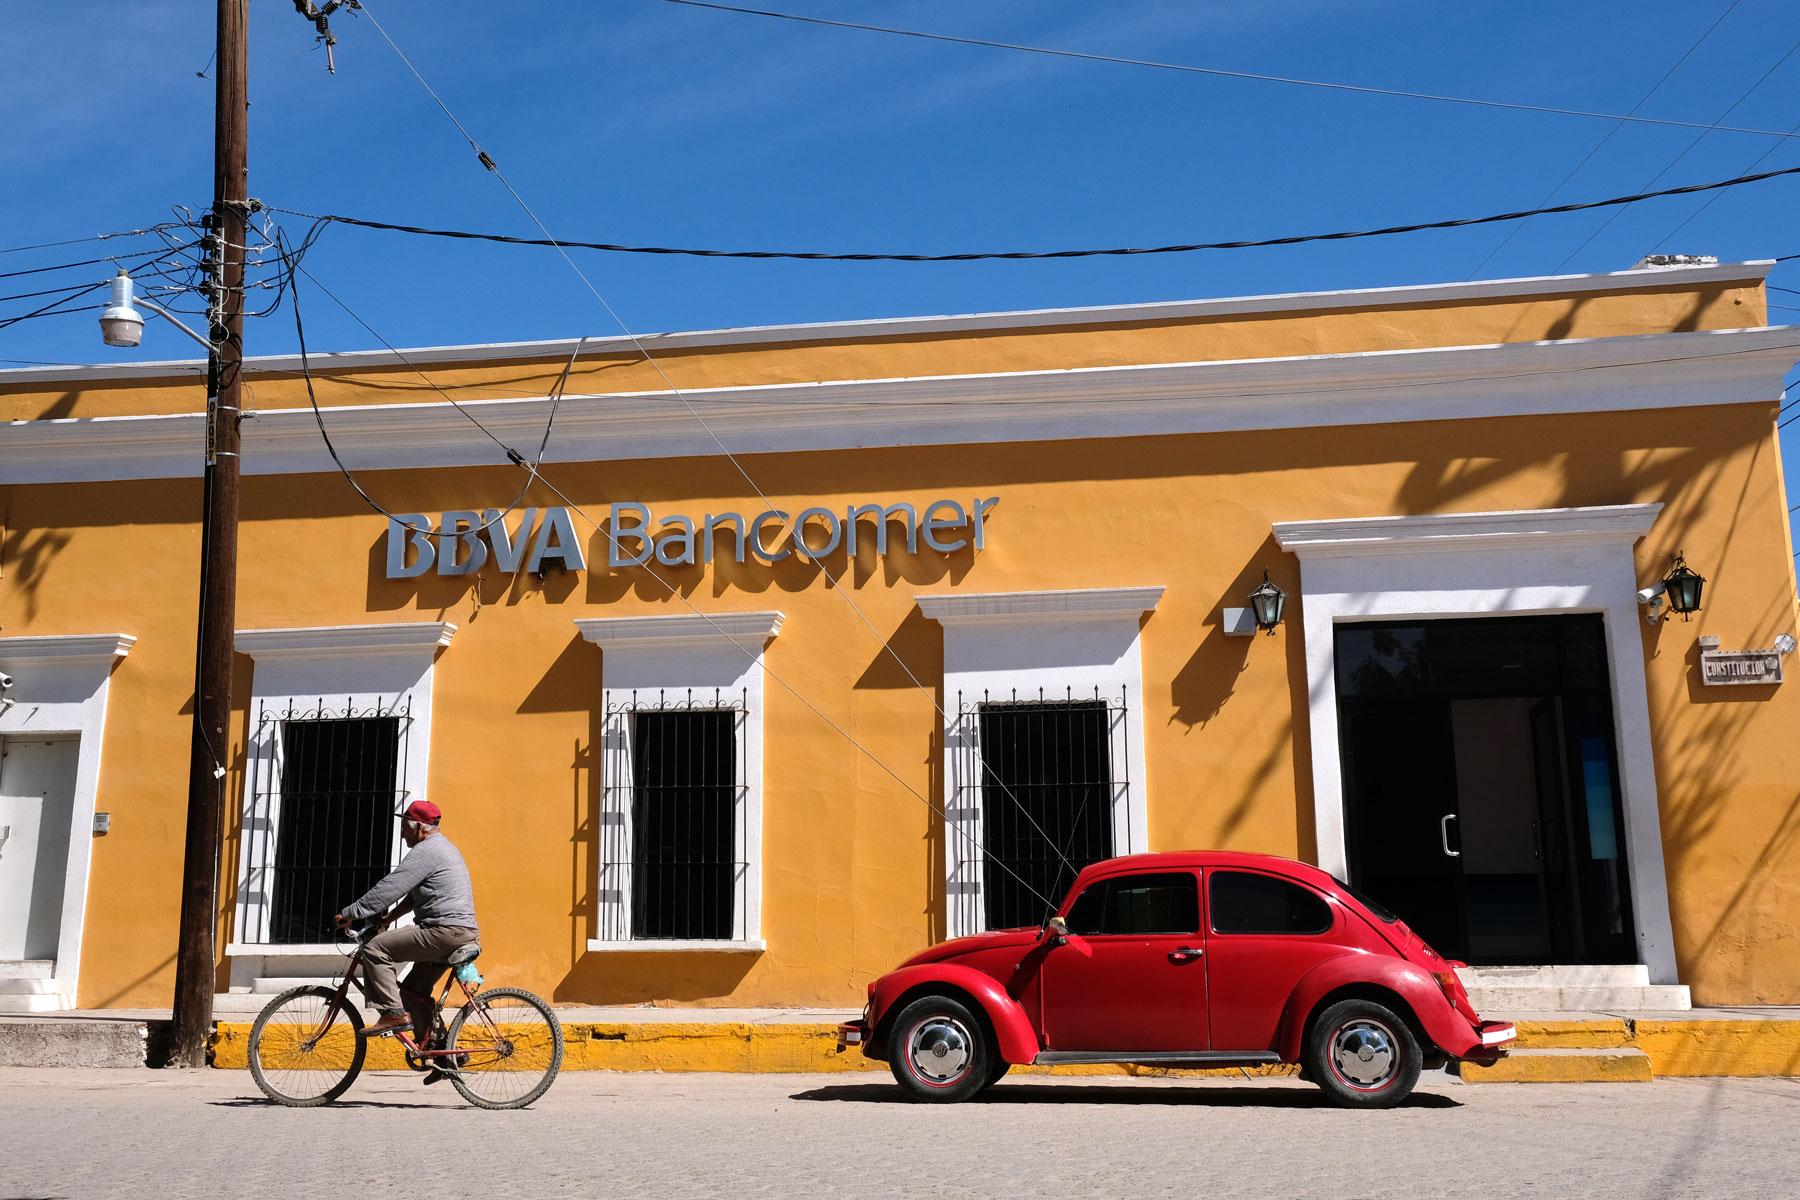 Ein roter VW-Käfer steht in El Fuerte in Mexiko vor einem gelben Haus.